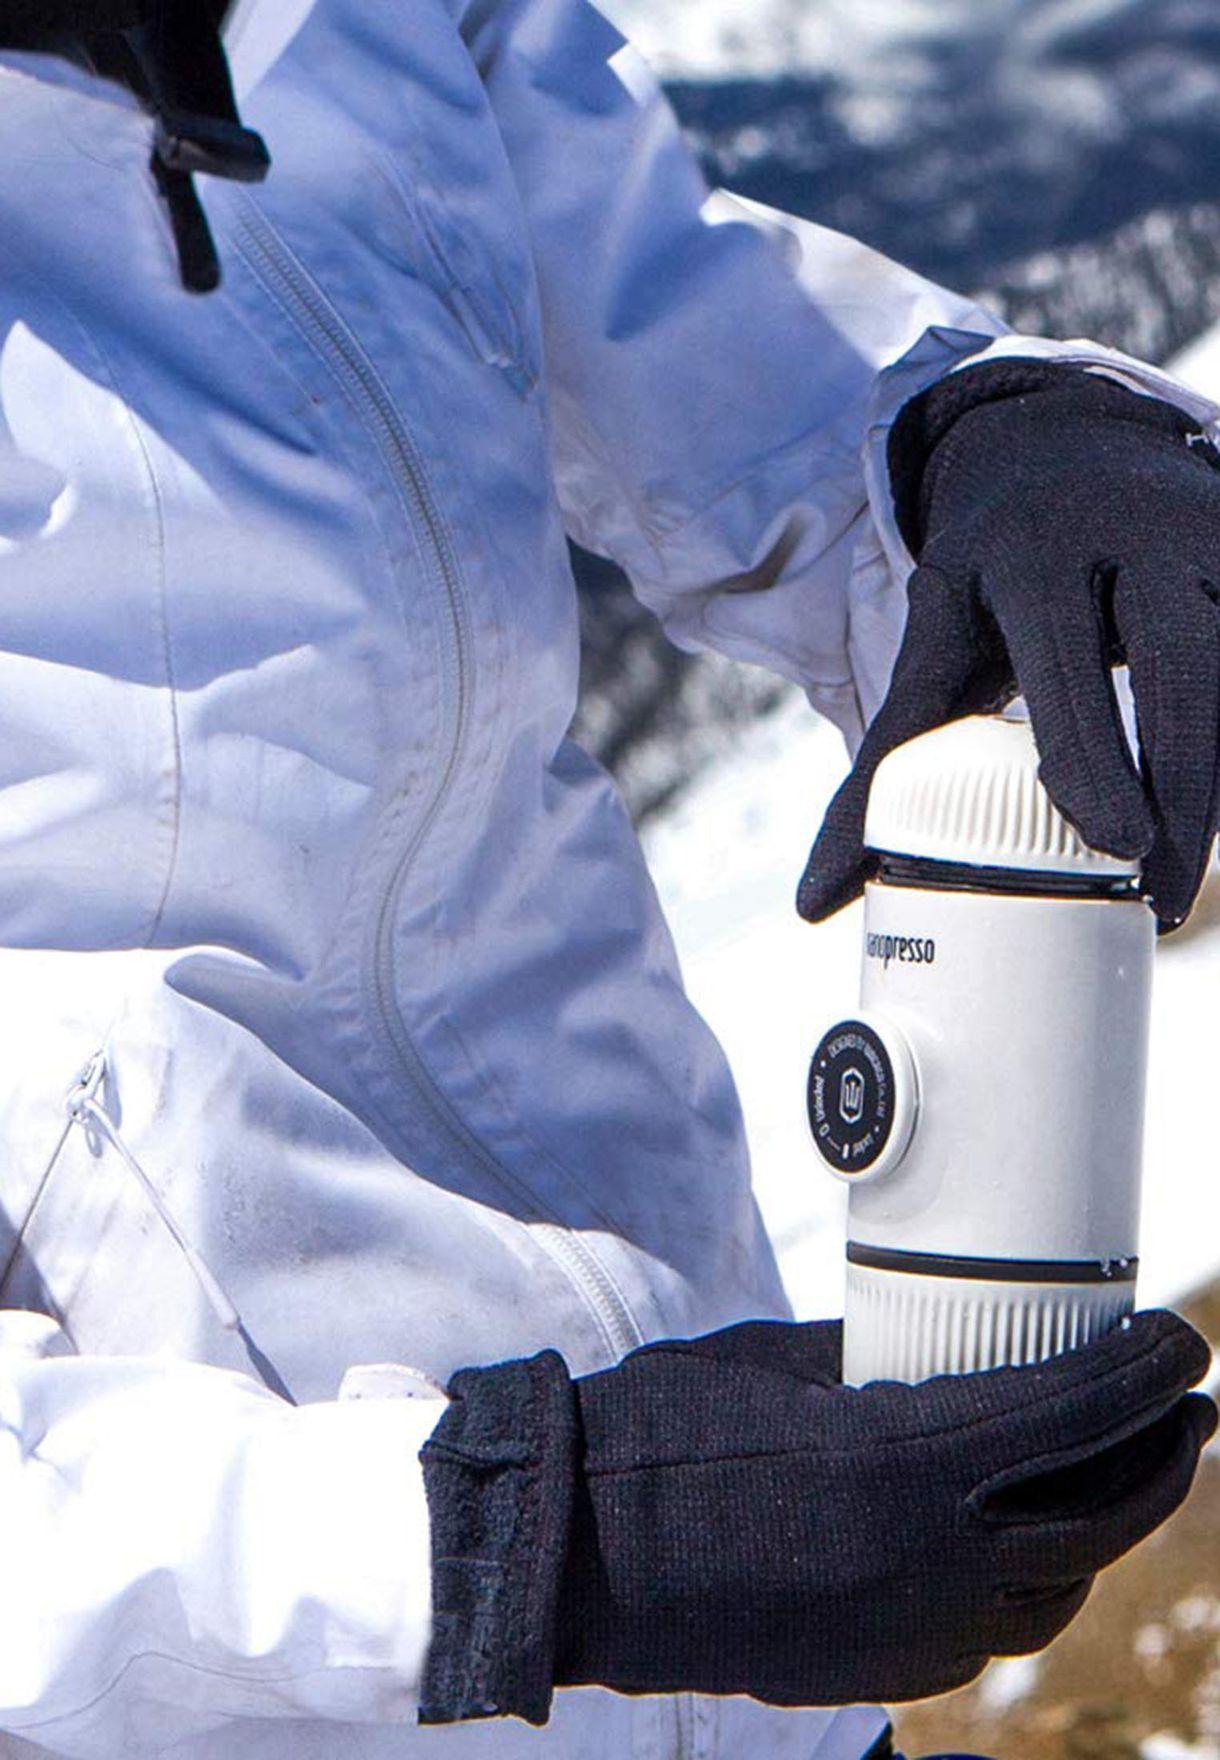 Nanopresso Portable Espresso Maker With Case